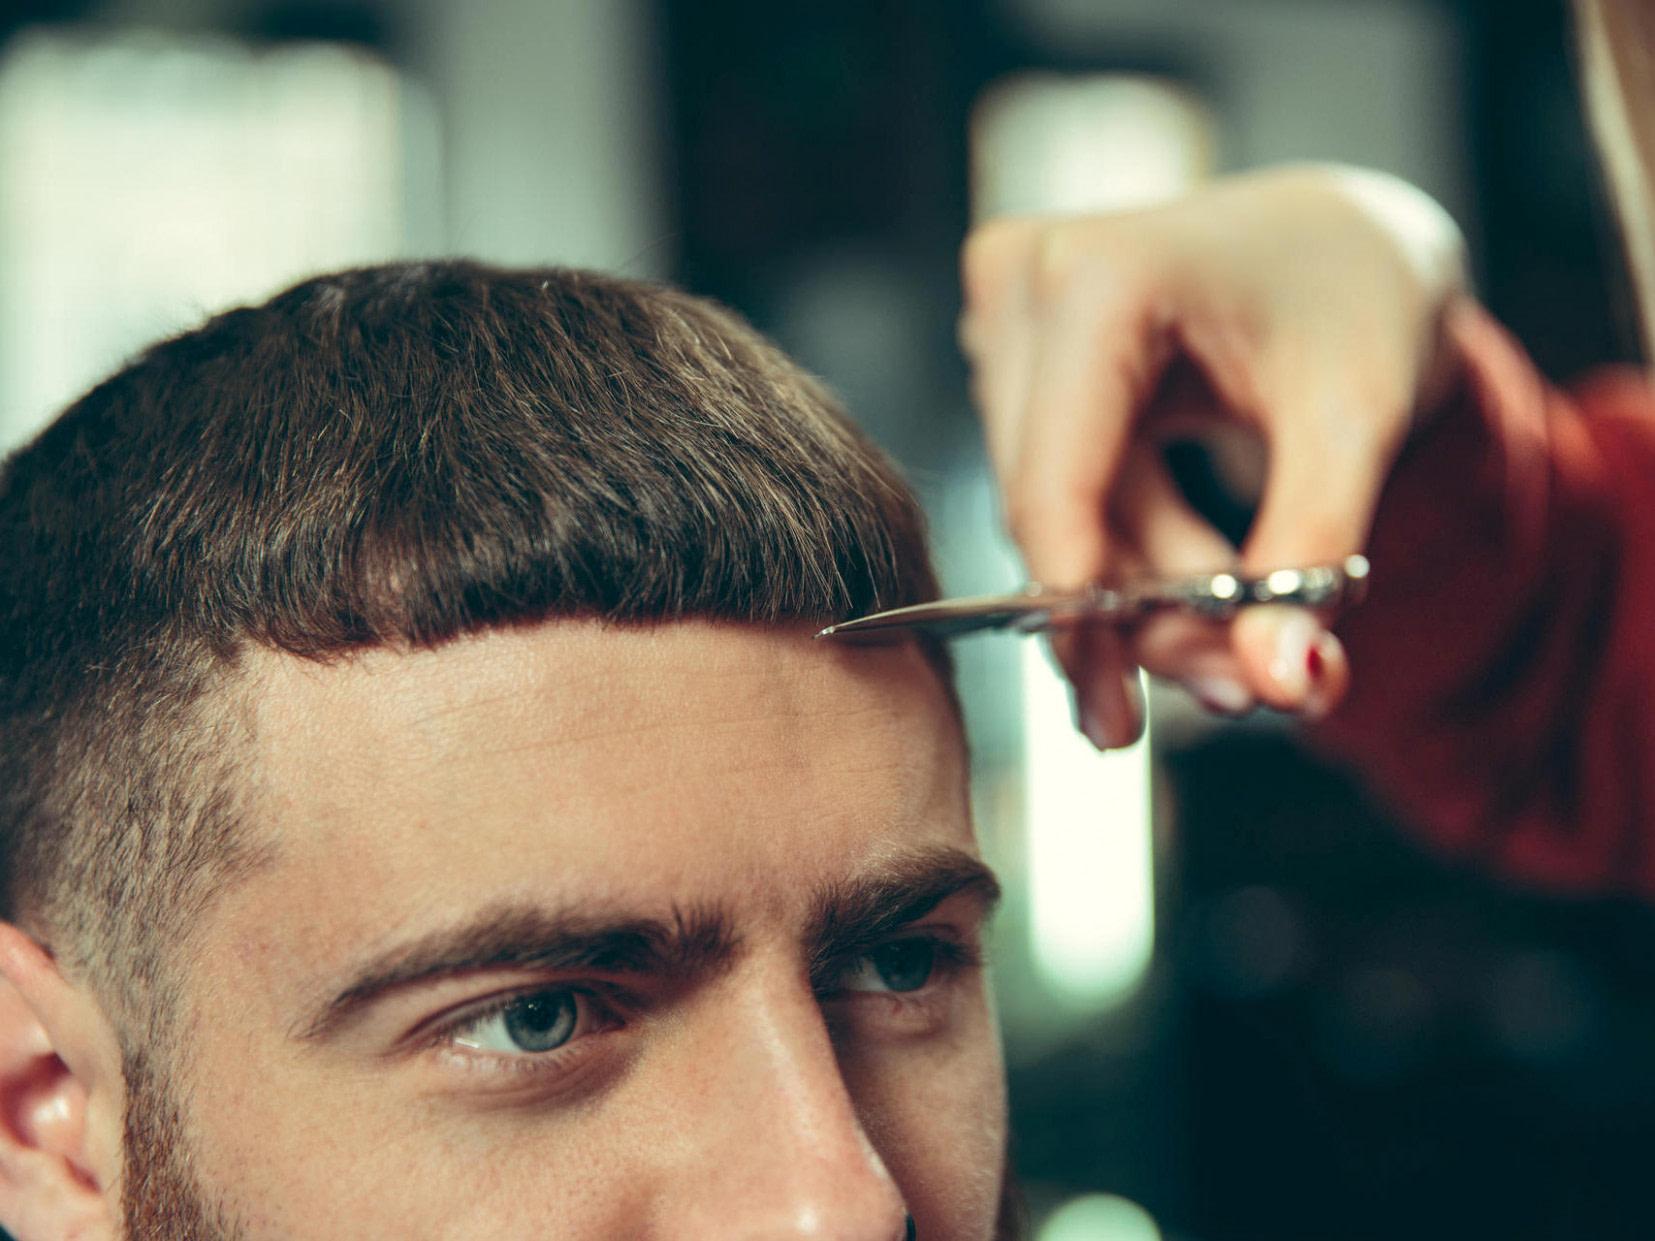 schön Haare selber schneiden: Tipps für Kurzhaarschnitt bei Mann und Kind - frisuren männer lichtes haar